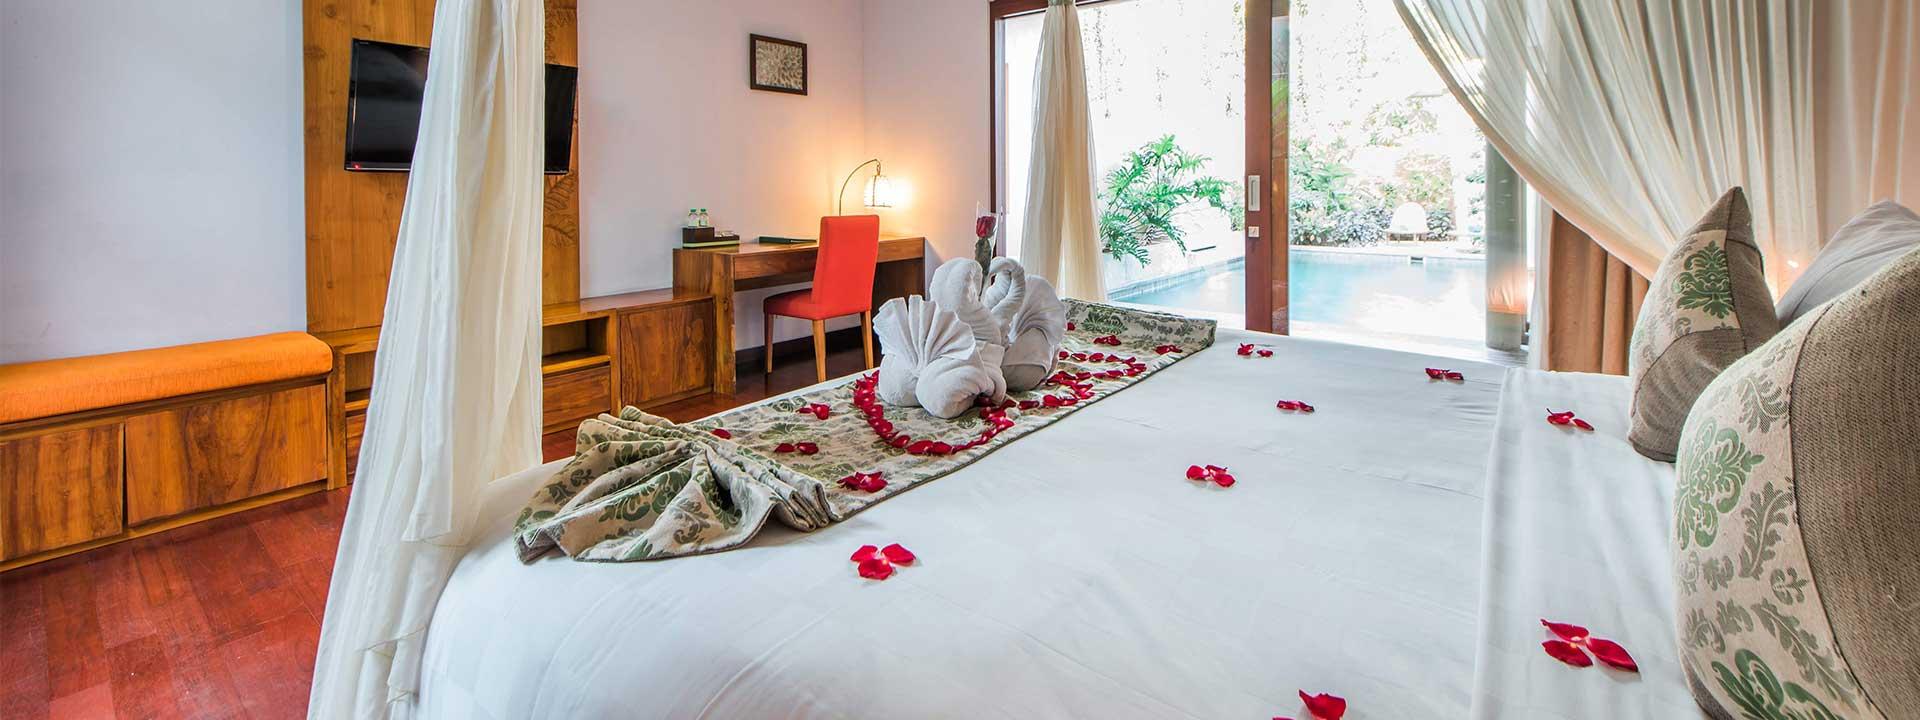 Valentine's Day in Bali at The Kasih Villas & Spa